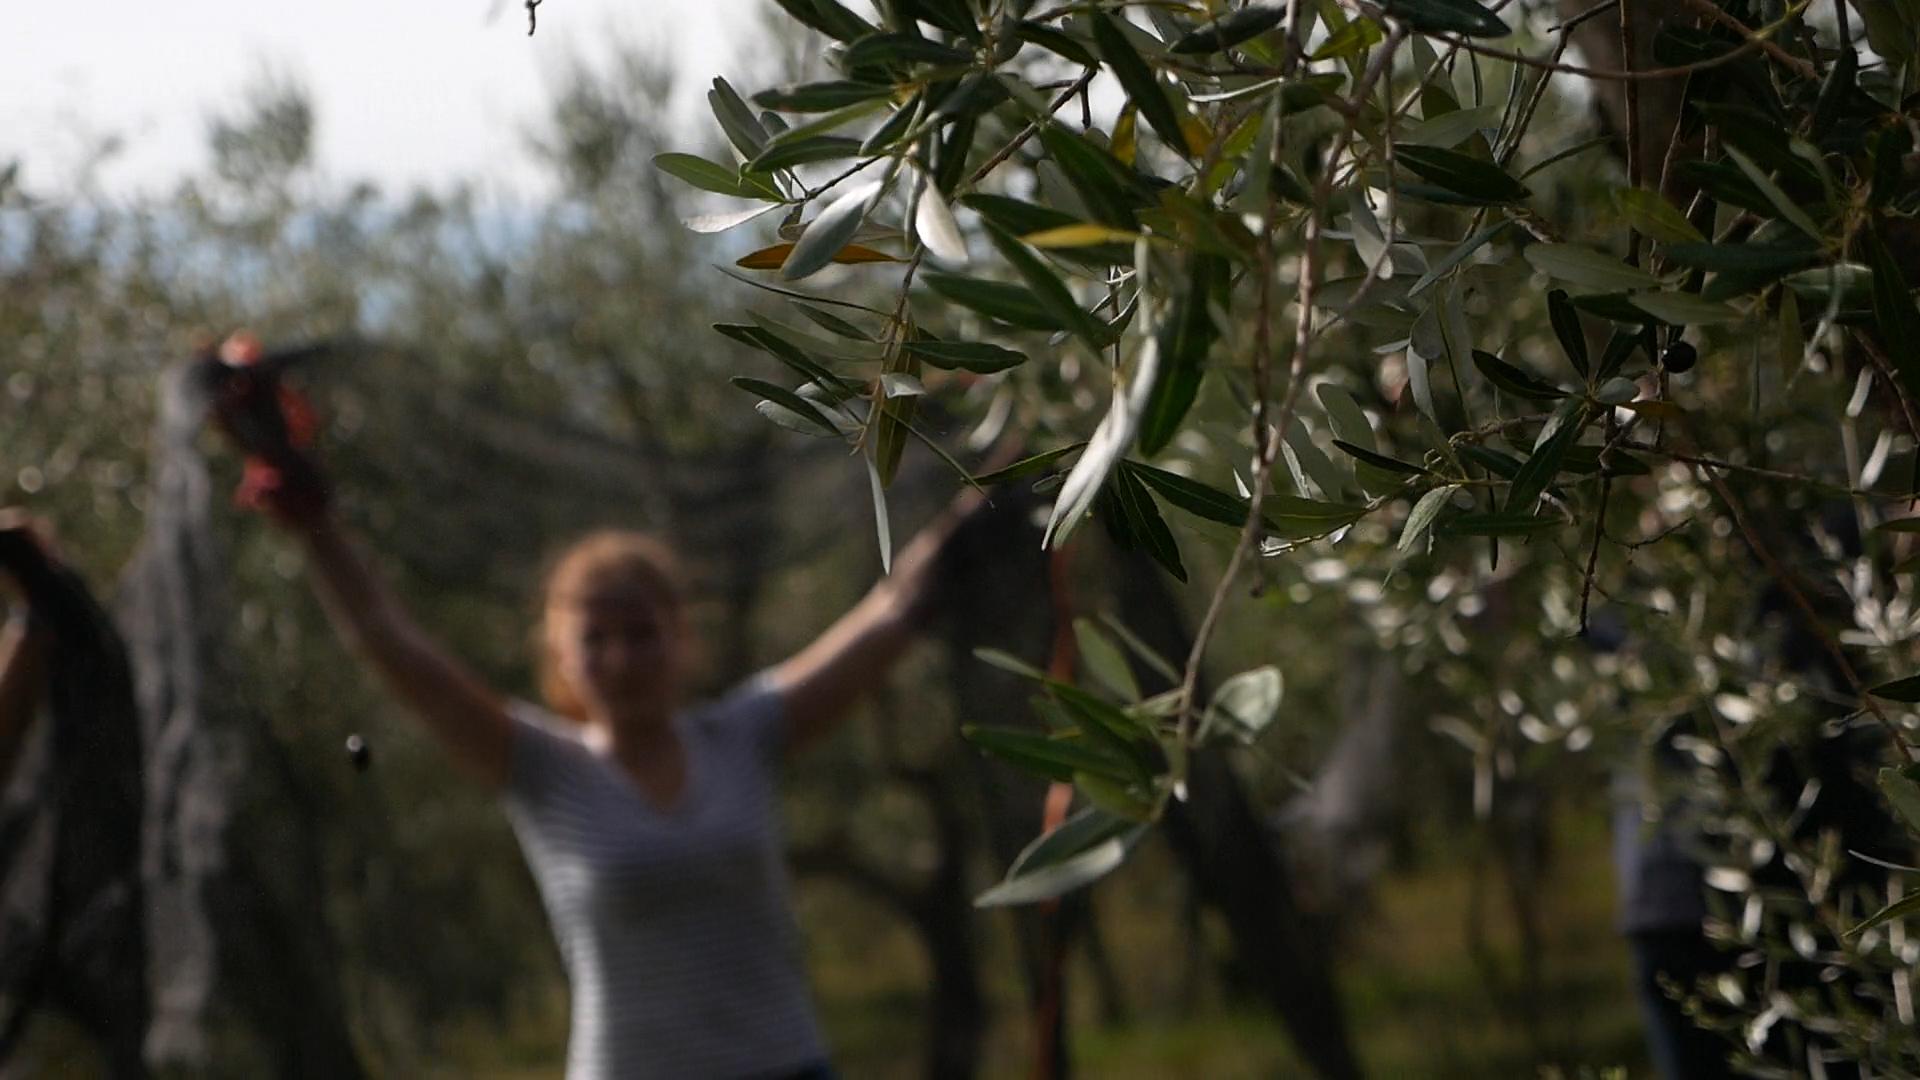 Esperienza sensoriale Assisi Tili Vini - Raccogliamo le olive insieme 7